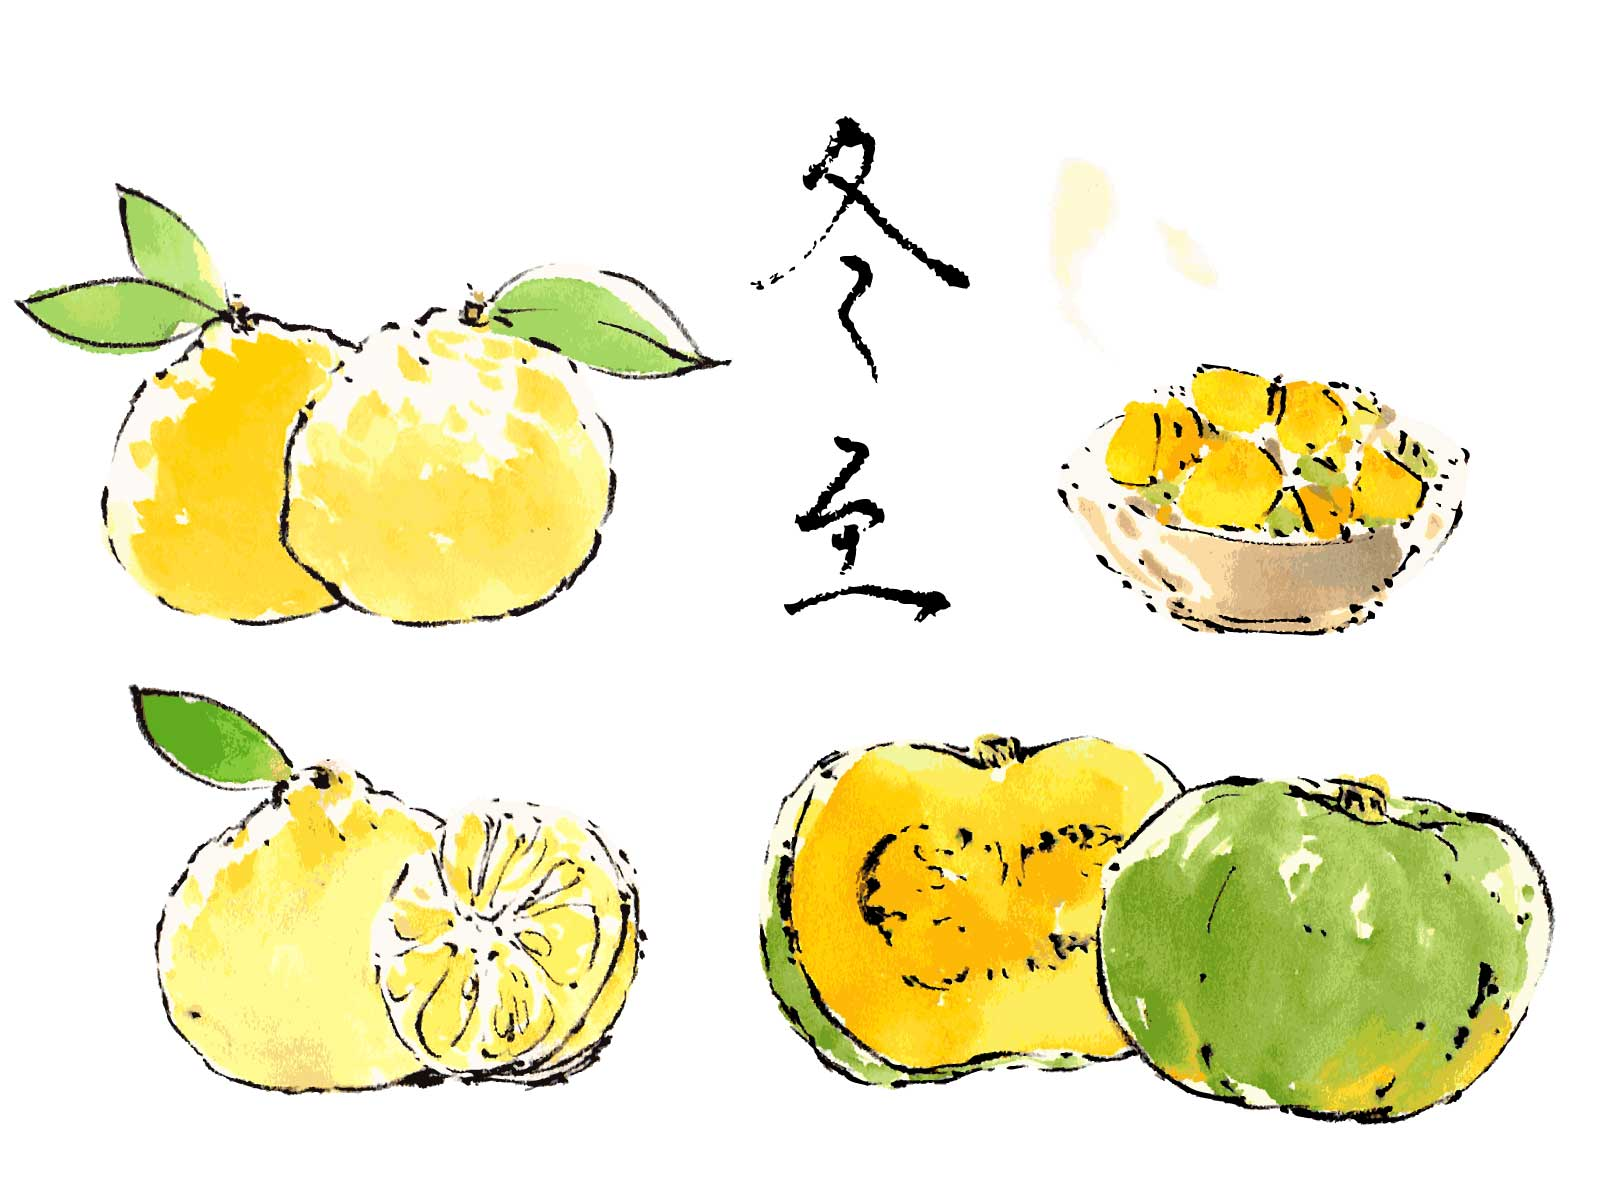 【冬至】ゆず風呂に入る理由/かぼちゃを食べる理由【便利グッズあり】